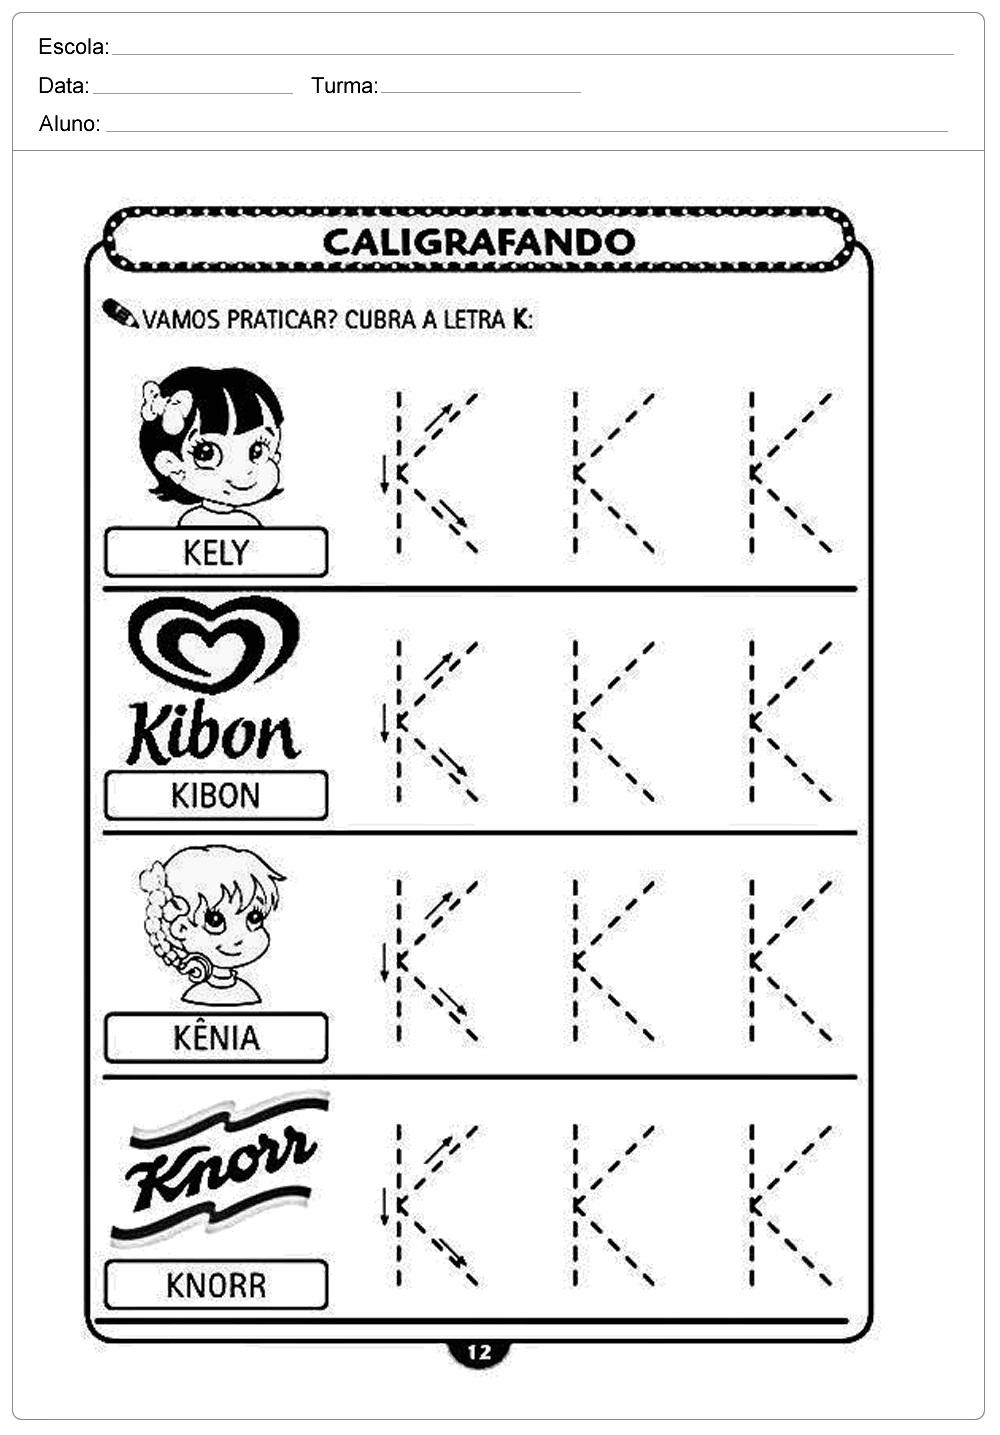 Atividades decaligrafiacom a letra K- para imprimir